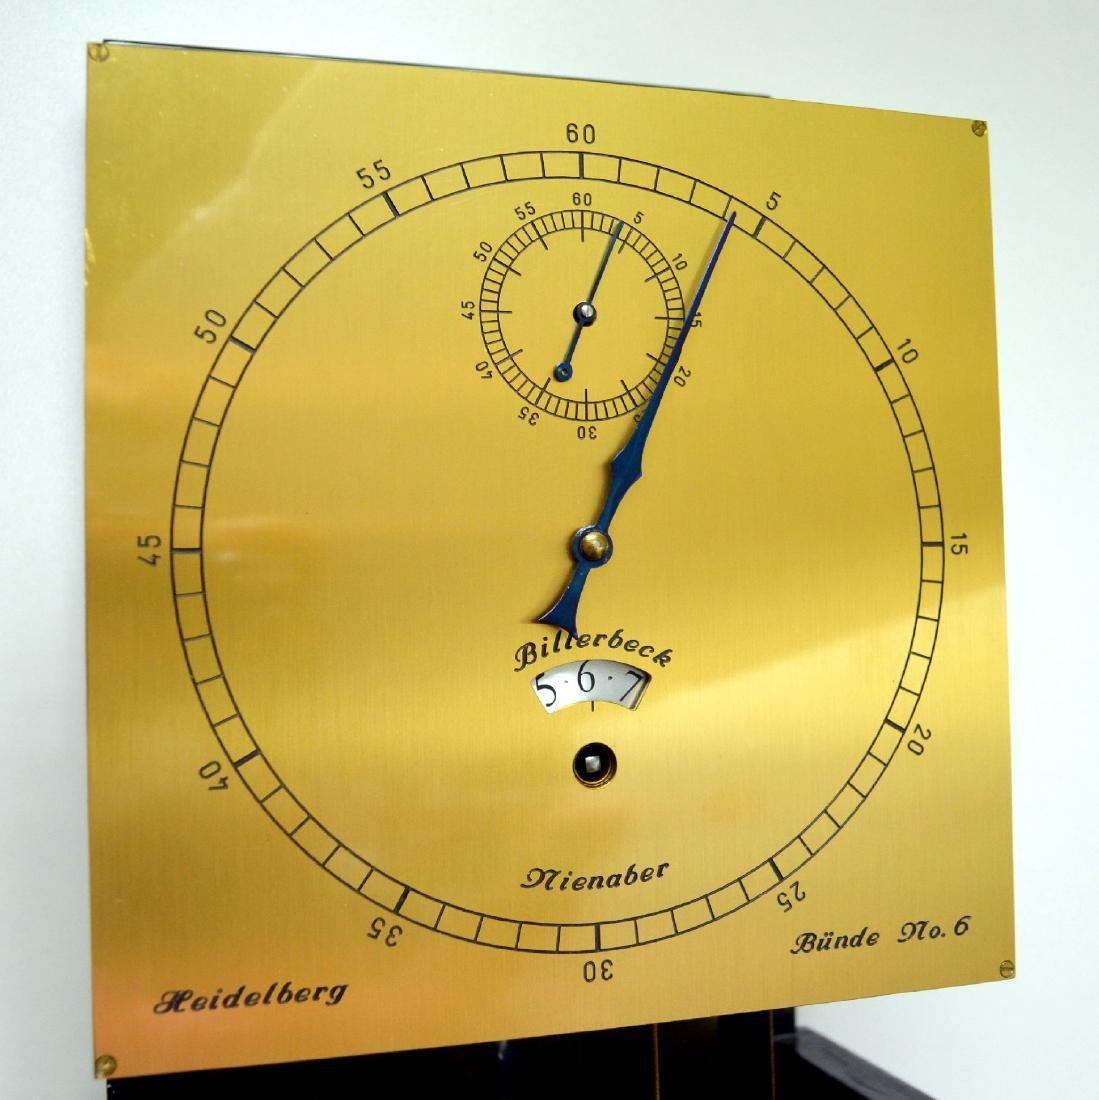 BILLERBECK/NIENABER No. 06 precision pendulum clock - 2